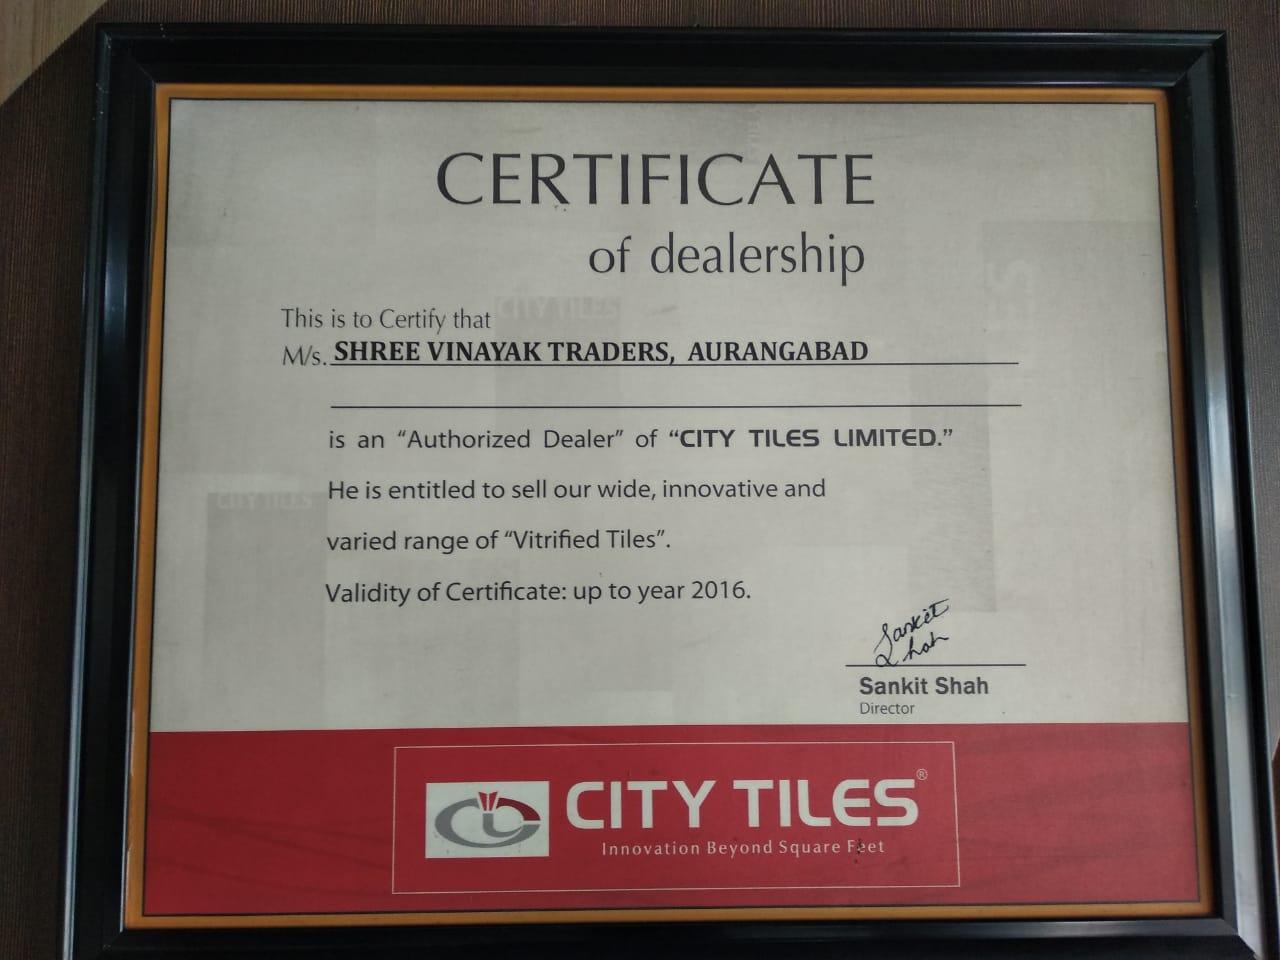 SHRI VINAYAK TRADERS